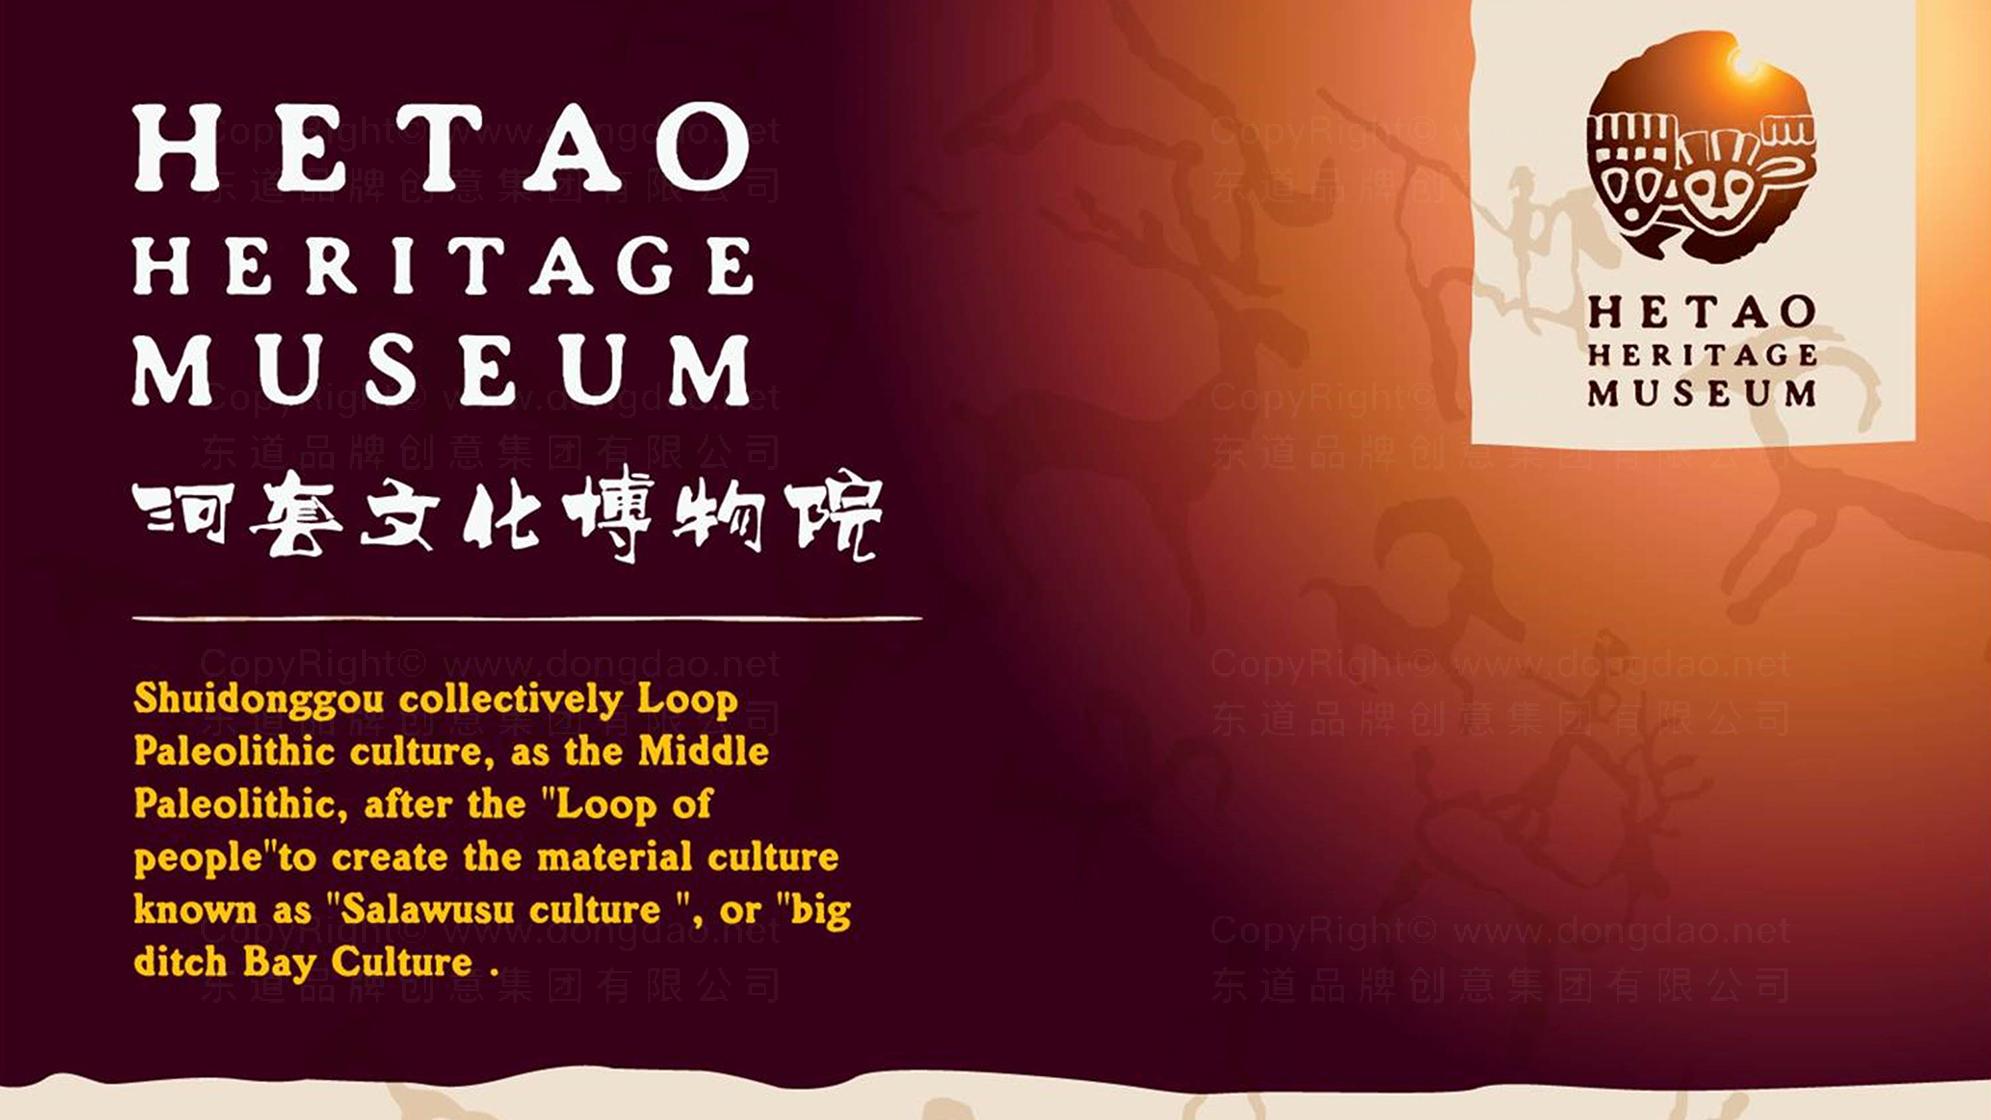 文体娱媒品牌设计河套文化博物馆LOGO&VI设计